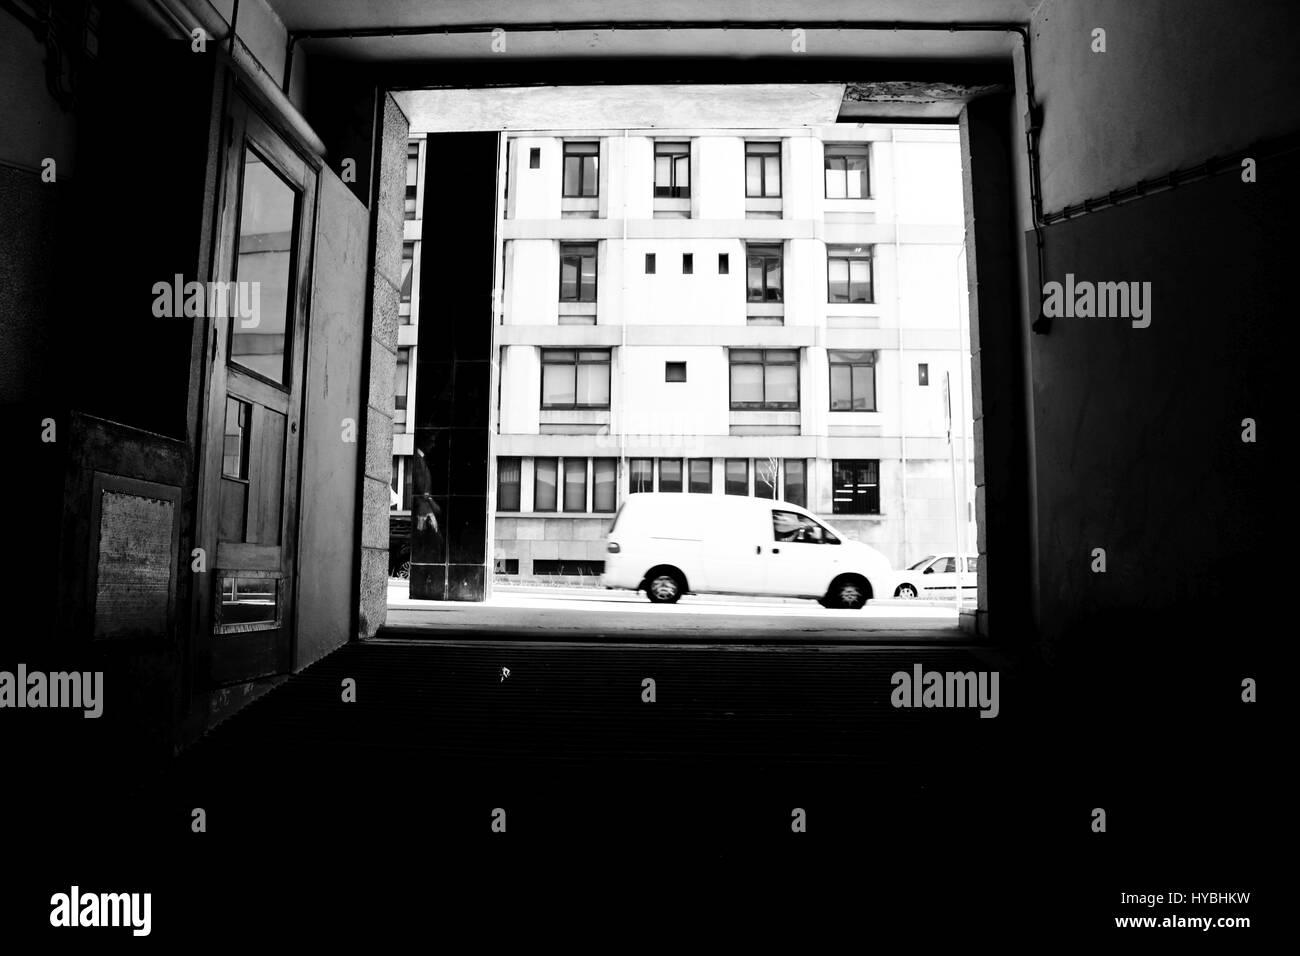 Una imagen de la calle tomada desde el interior de un garaje de coches en Matosinhos, Oporto, Portugal. Foto de stock